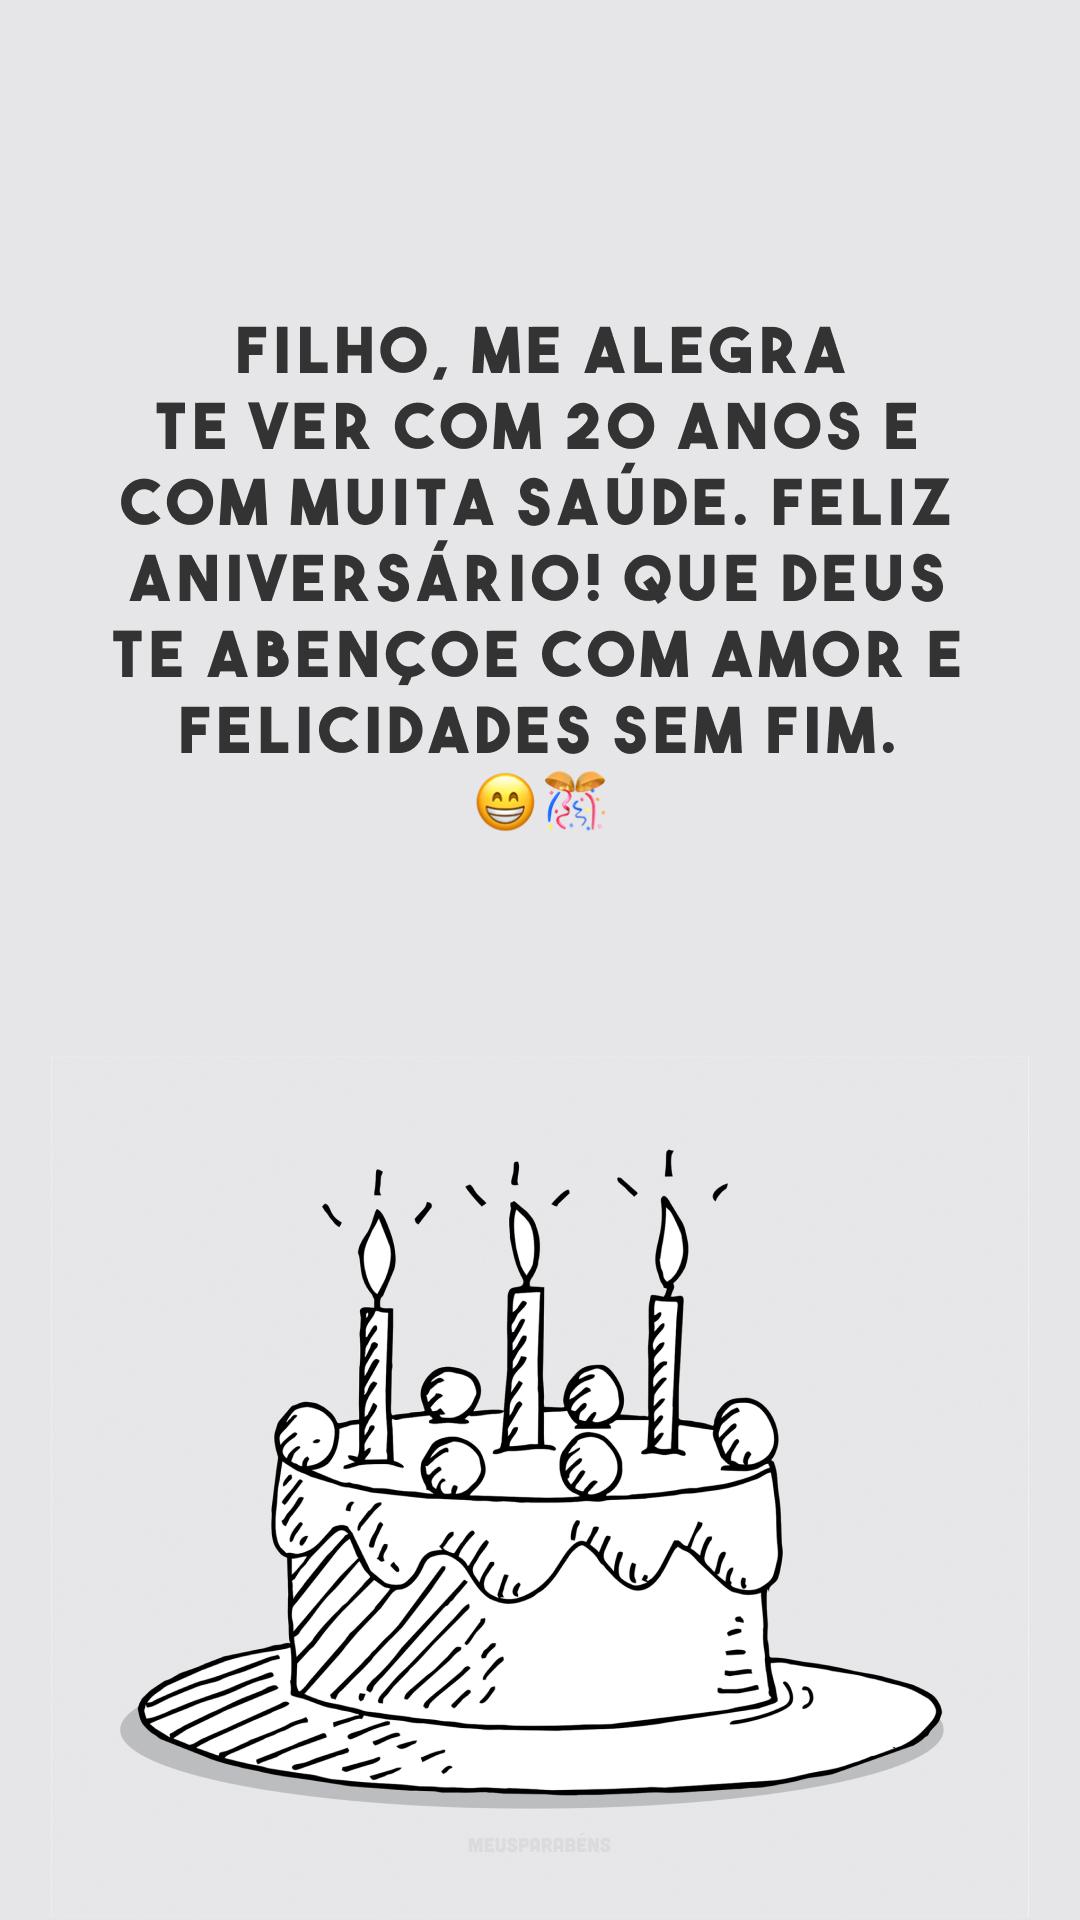 Filho, me alegra te ver com 20 anos e com muita saúde. Feliz aniversário! Que Deus te abençoe com amor e felicidades sem fim. 😁🎊